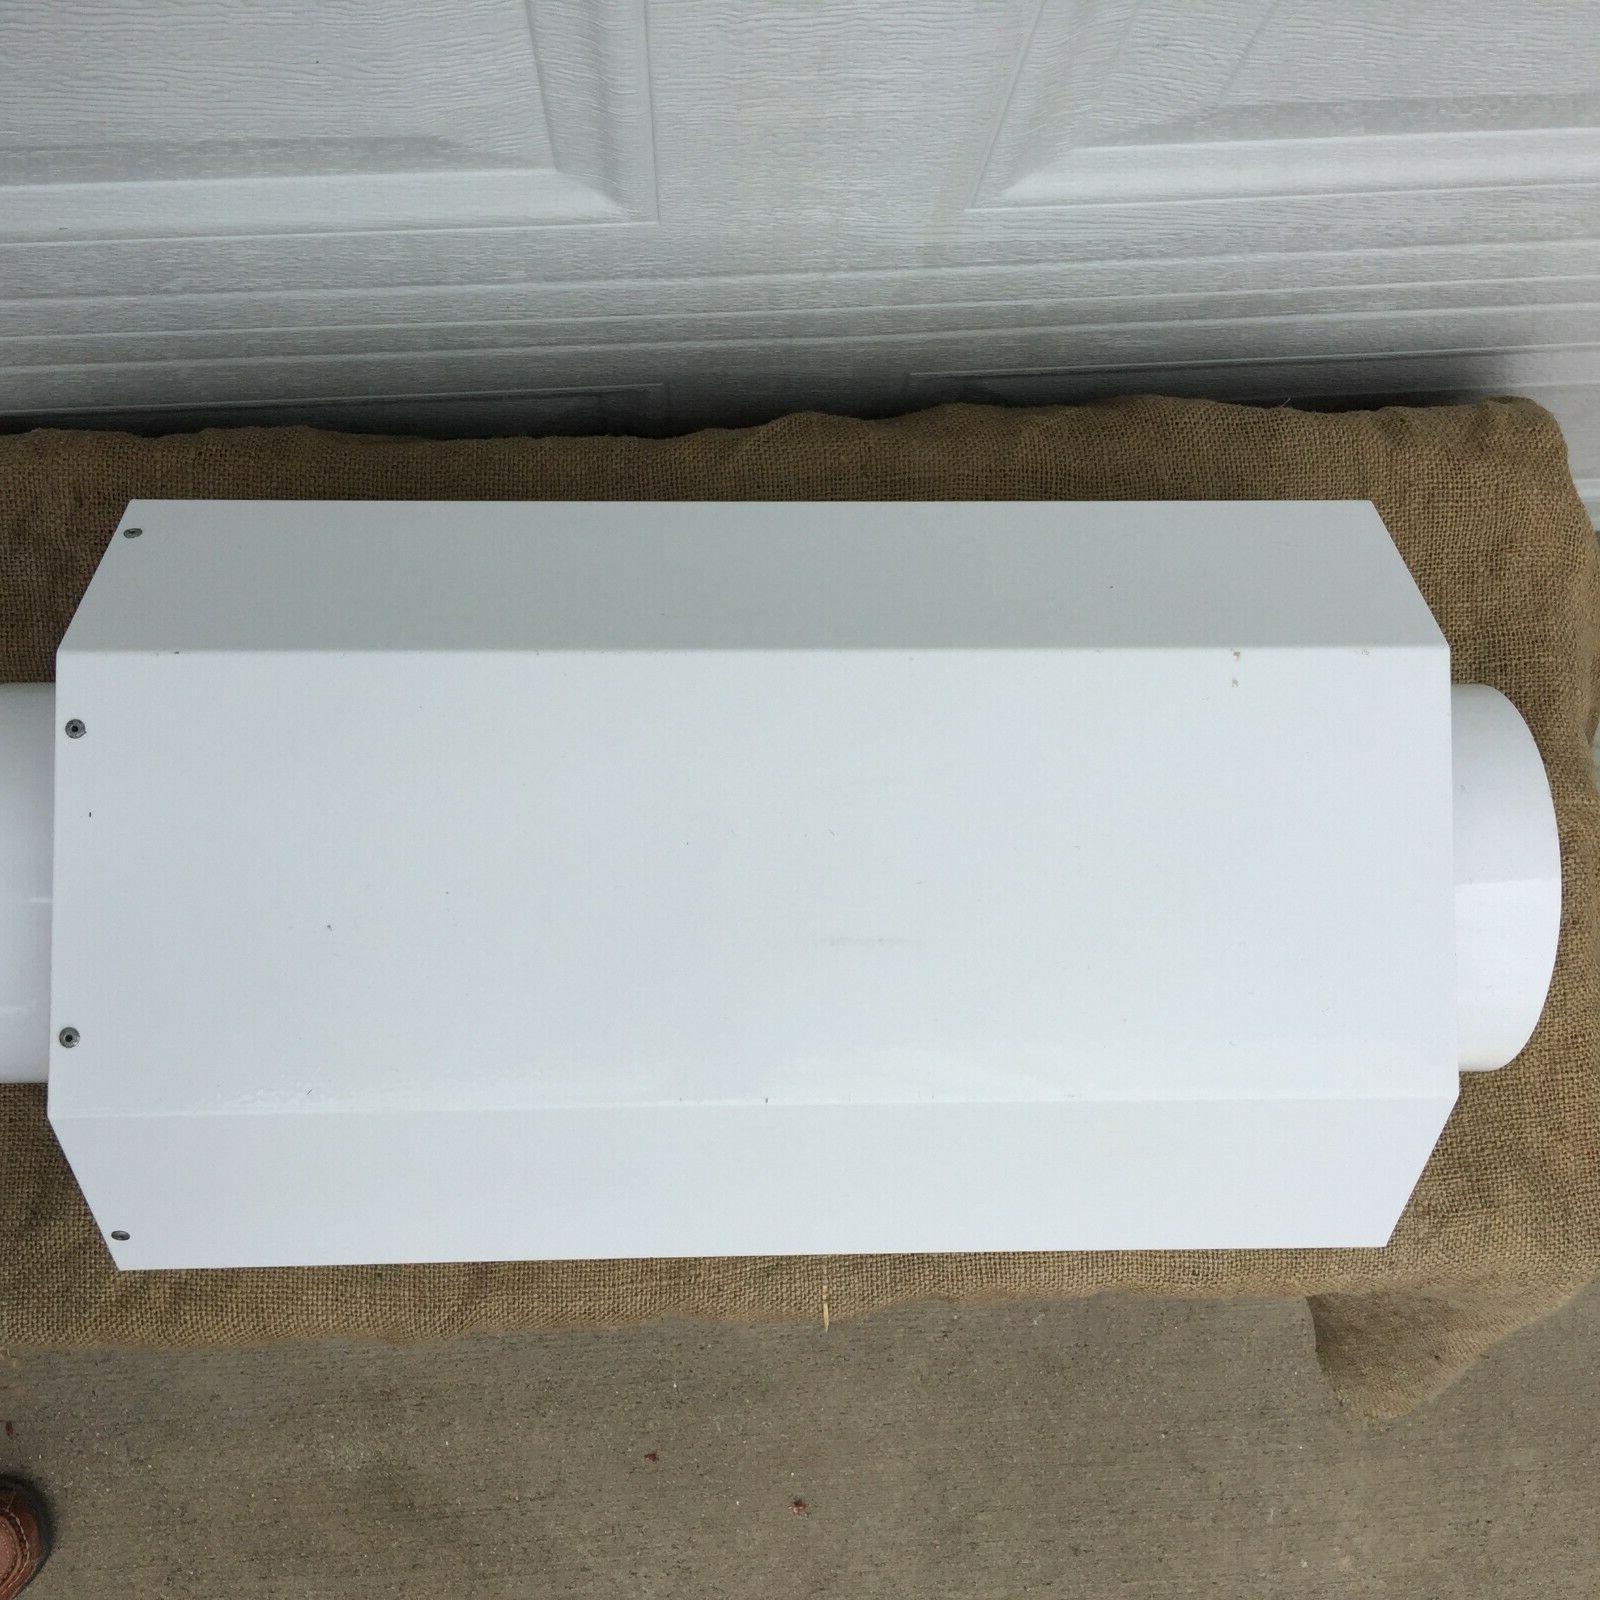 Hydrofarm DA Luminaire DAUN Air Cooled Grow Hood Reflector Lite